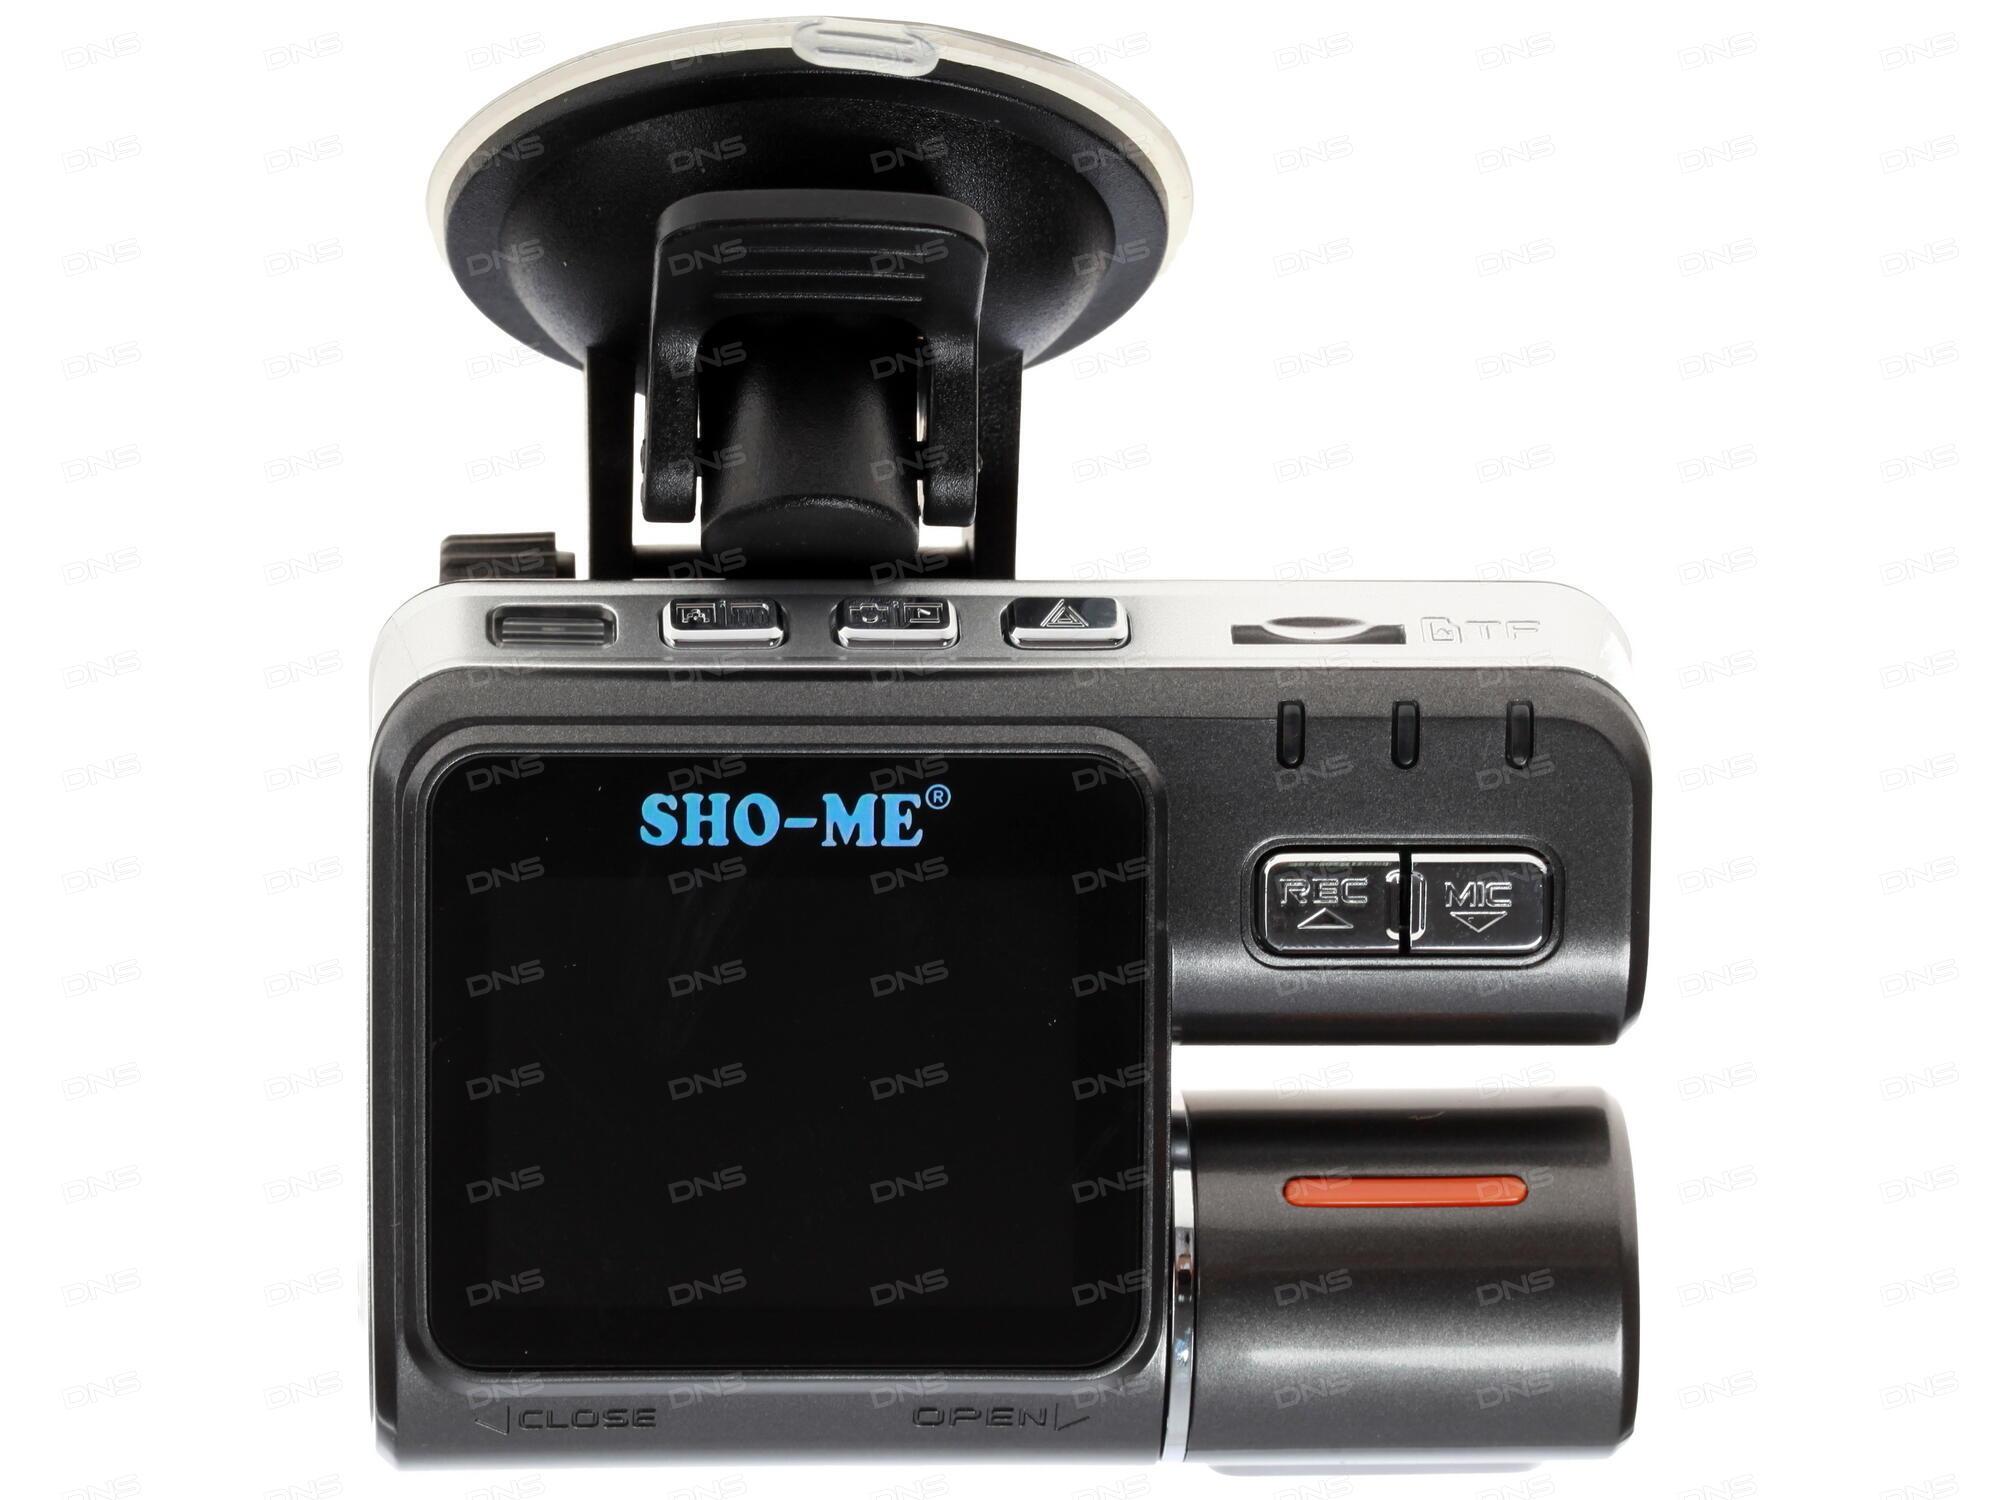 Sho me видеорегистратор официальный сайт